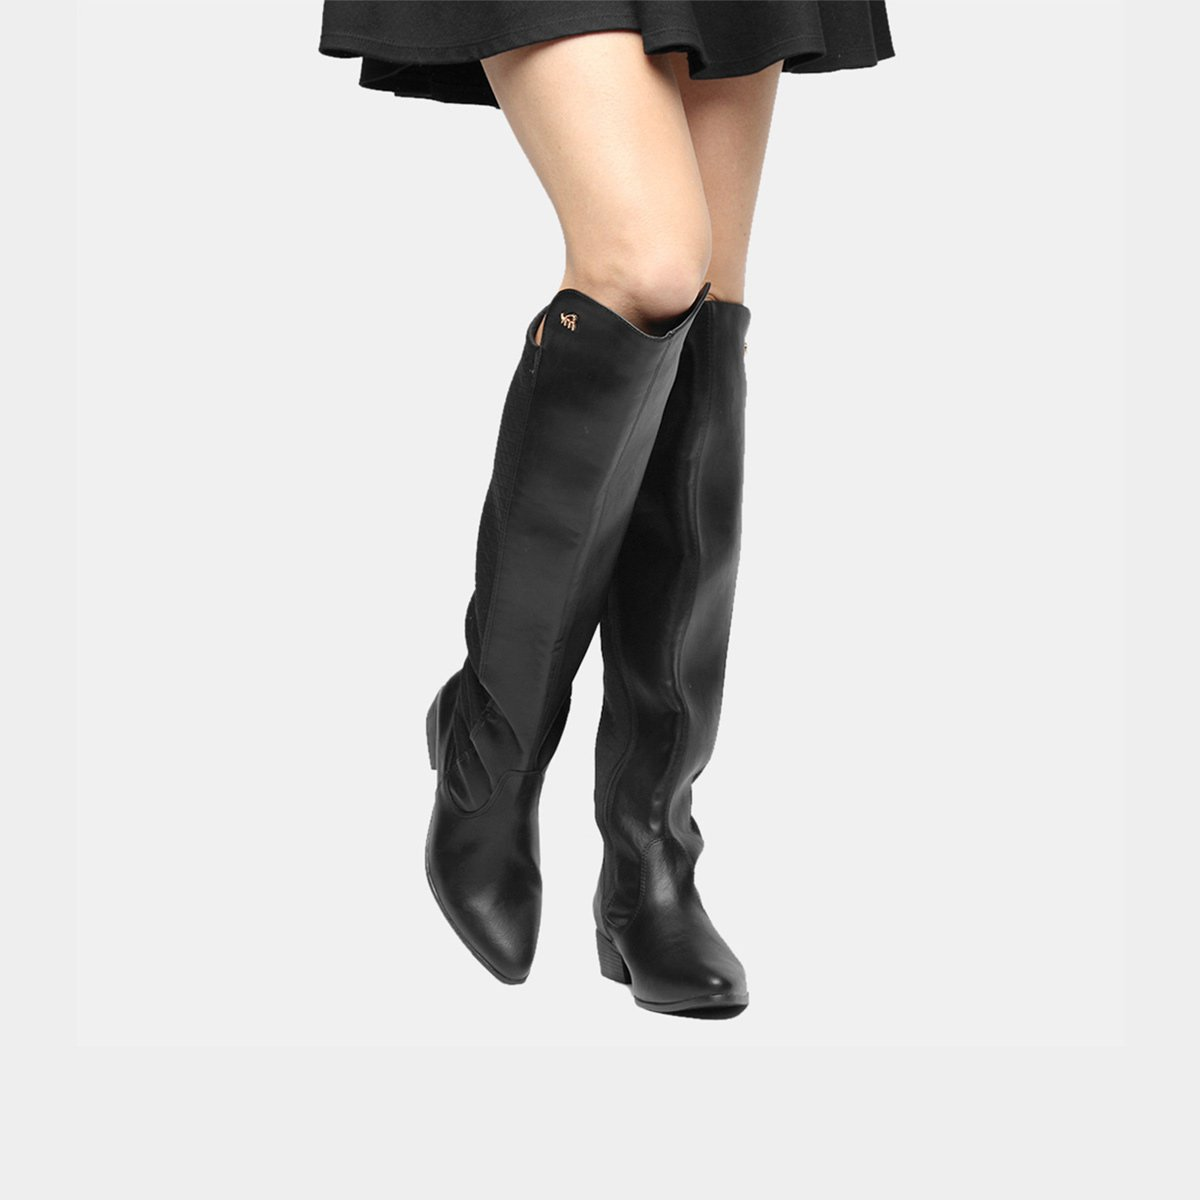 a342e2cf0 Bota Over The Knee Via Marte Bico Fino Feminina - Compre Agora